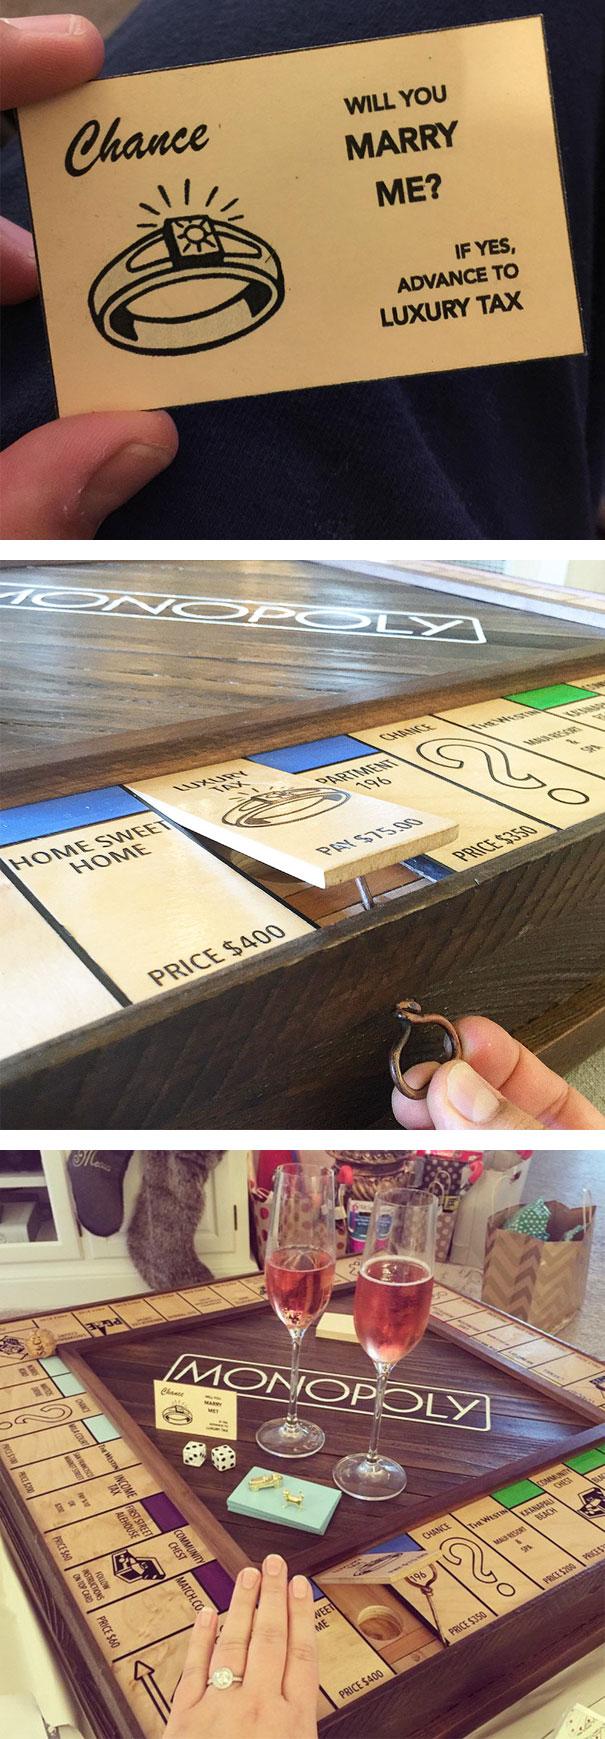 Propuesta de matrimonio mientras juegan Monopoly